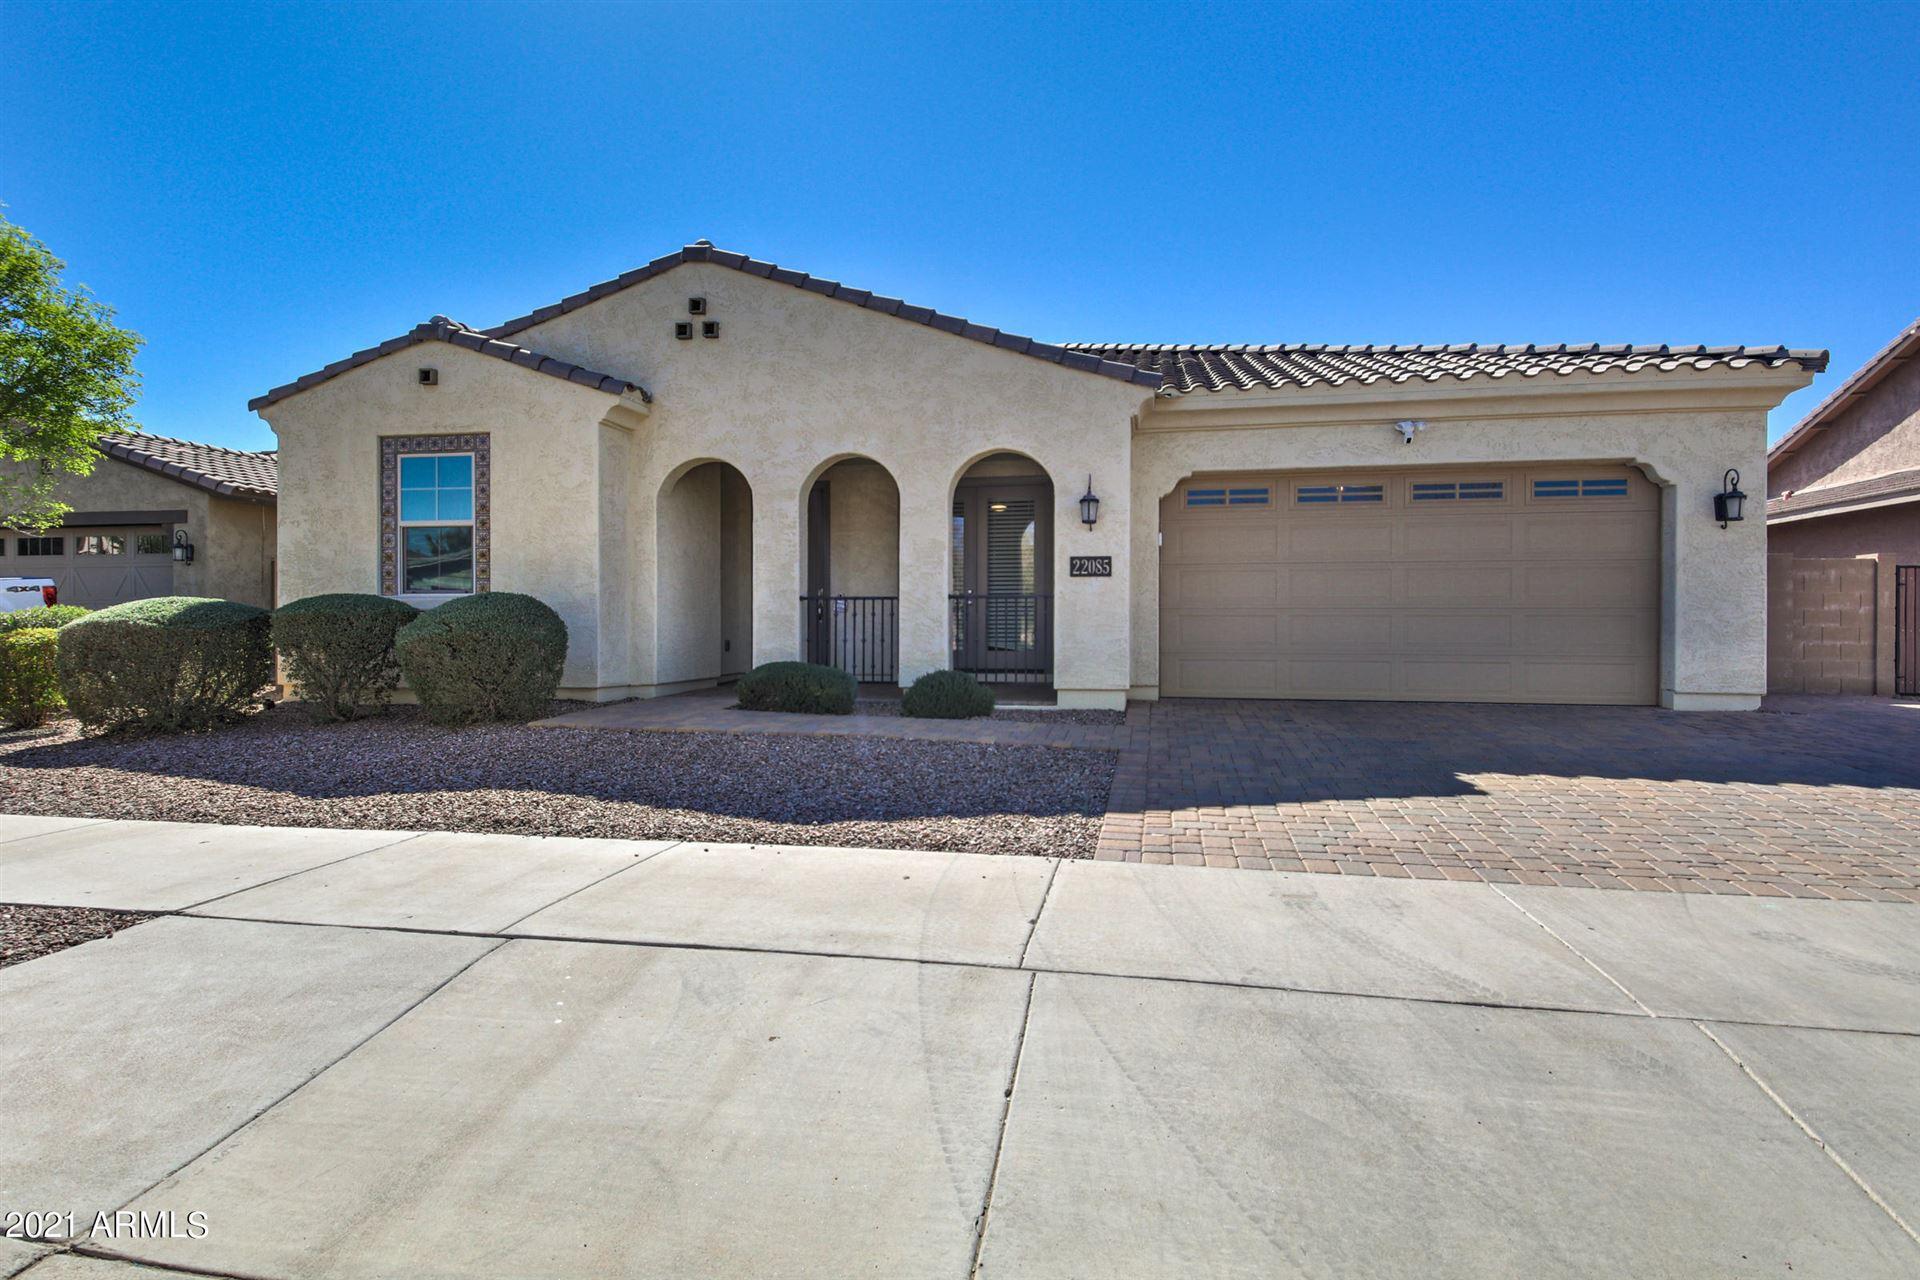 Photo of 22085 E ROSA Road, Queen Creek, AZ 85142 (MLS # 6203425)